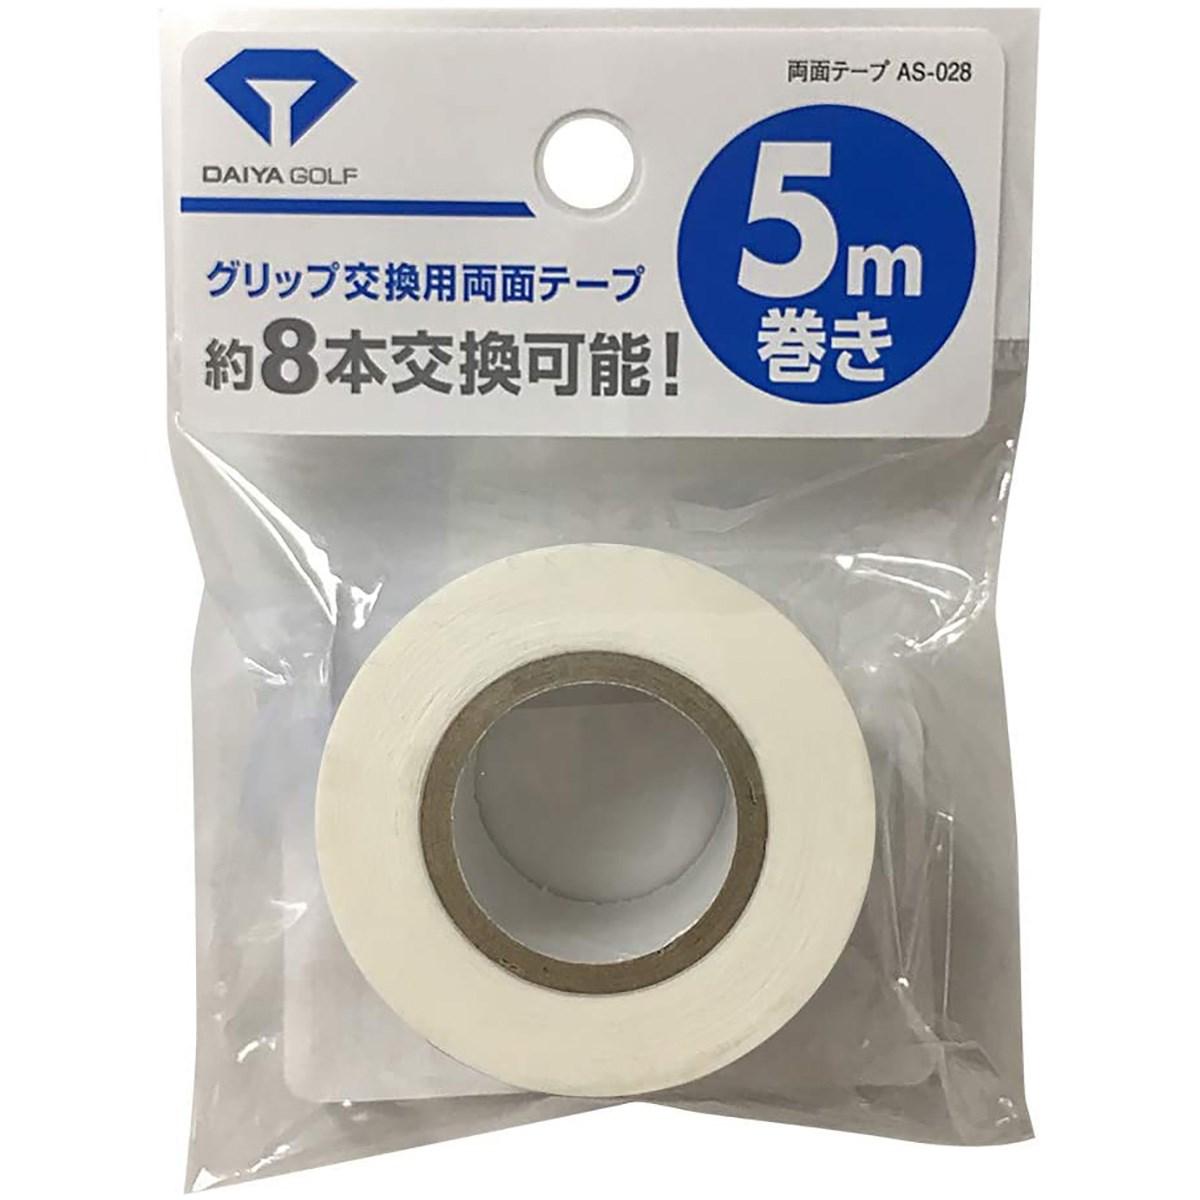 ダイヤゴルフ DAIYA GOLF 両面テープ(5m) AS-028